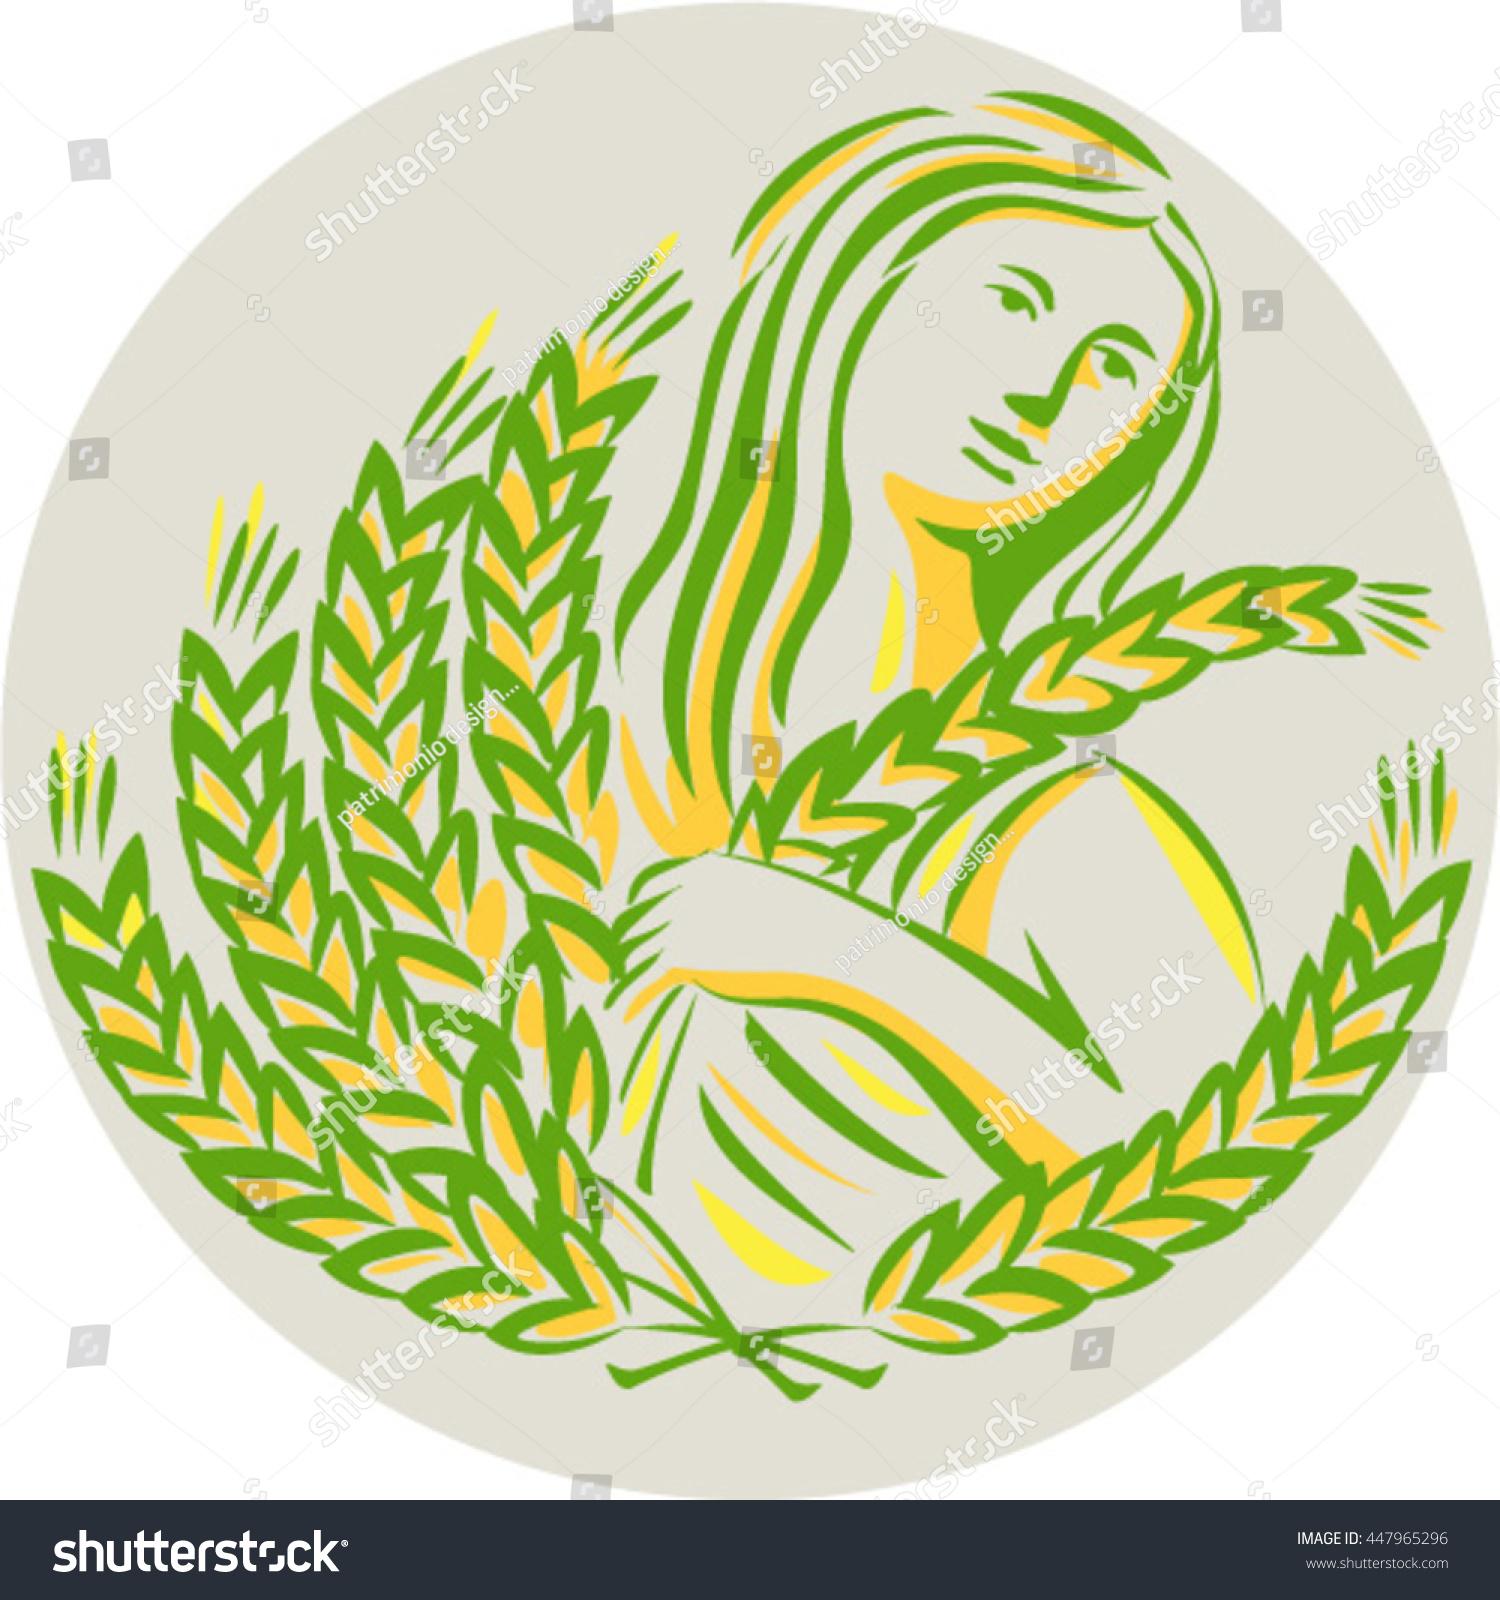 Illustration Showing Demeter Greek Goddess Harvest Stock Vector